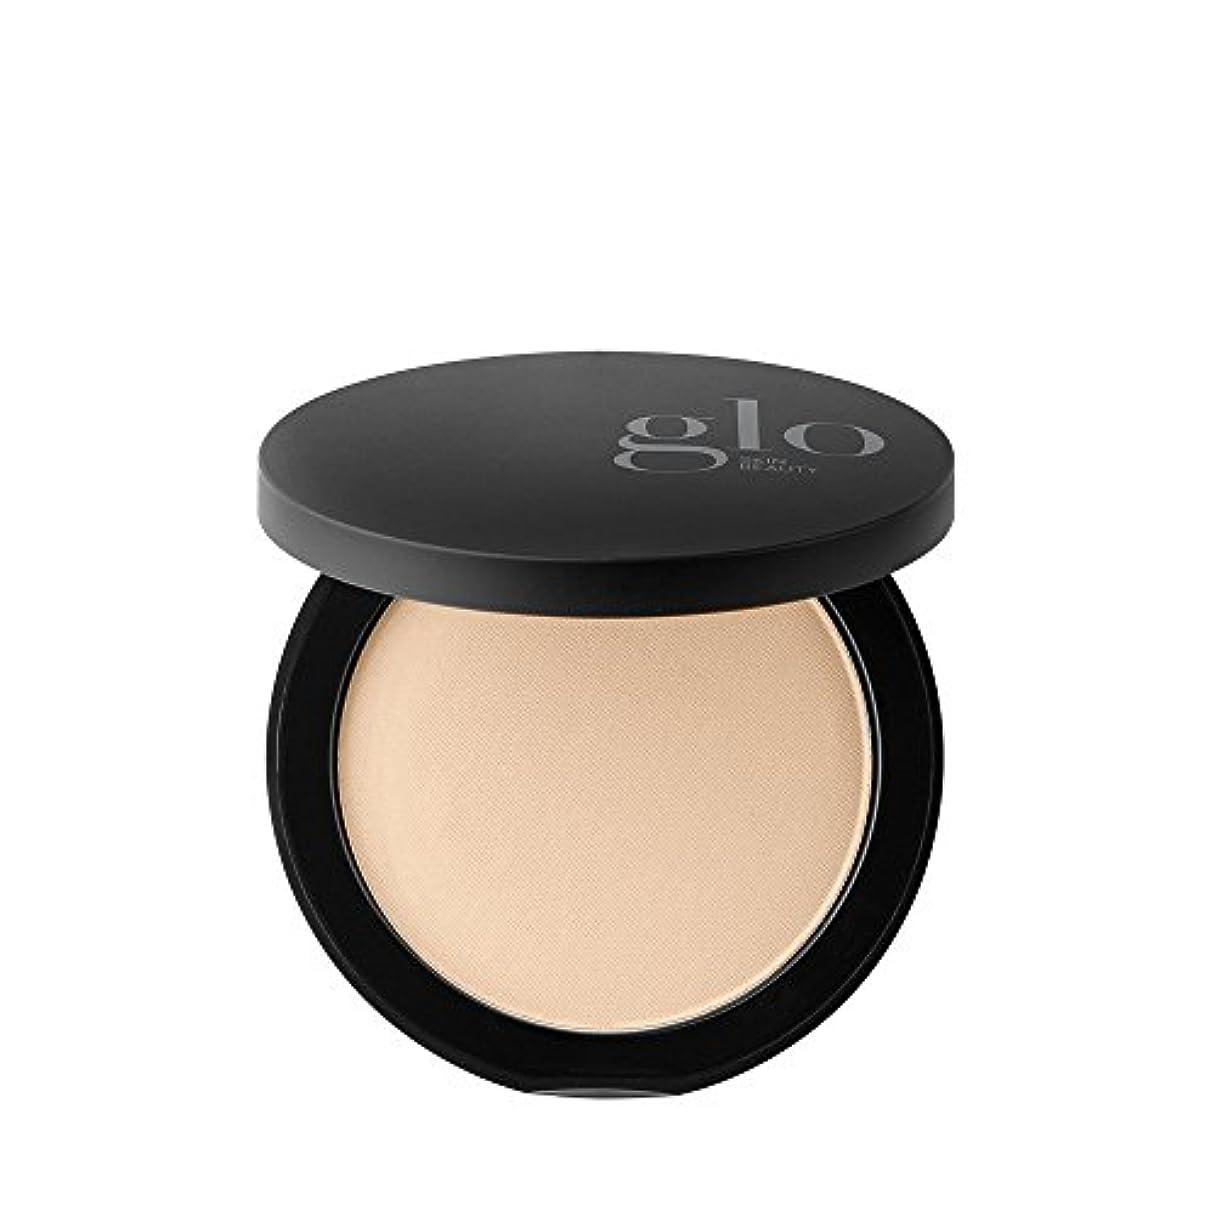 ハードウェアテクニカル恐怖Glo Skin Beauty Pressed Base - # Natural Fair 9g/0.31oz並行輸入品